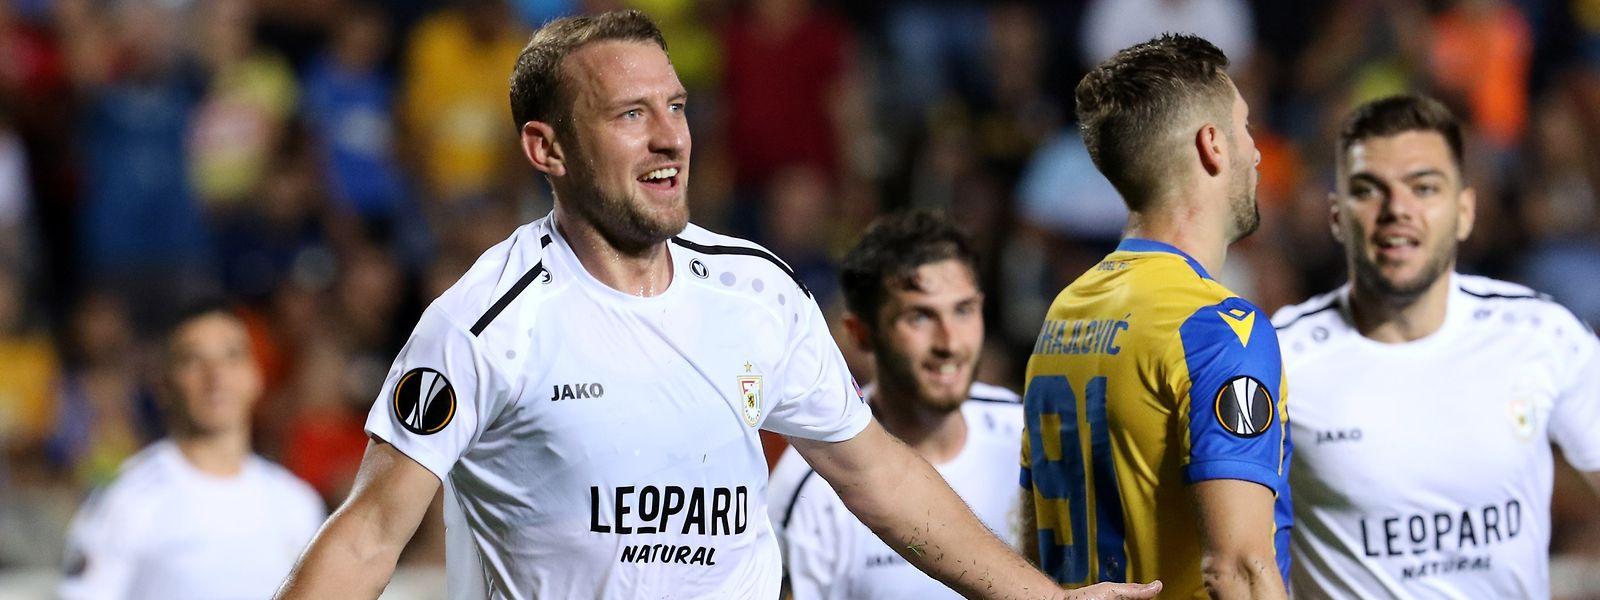 Buteur à l'aller contre l'APOEL, Dominik Stolz connaîtra-t-il la même joie ce jeudi sur le billard du stade Josy-Barthel?